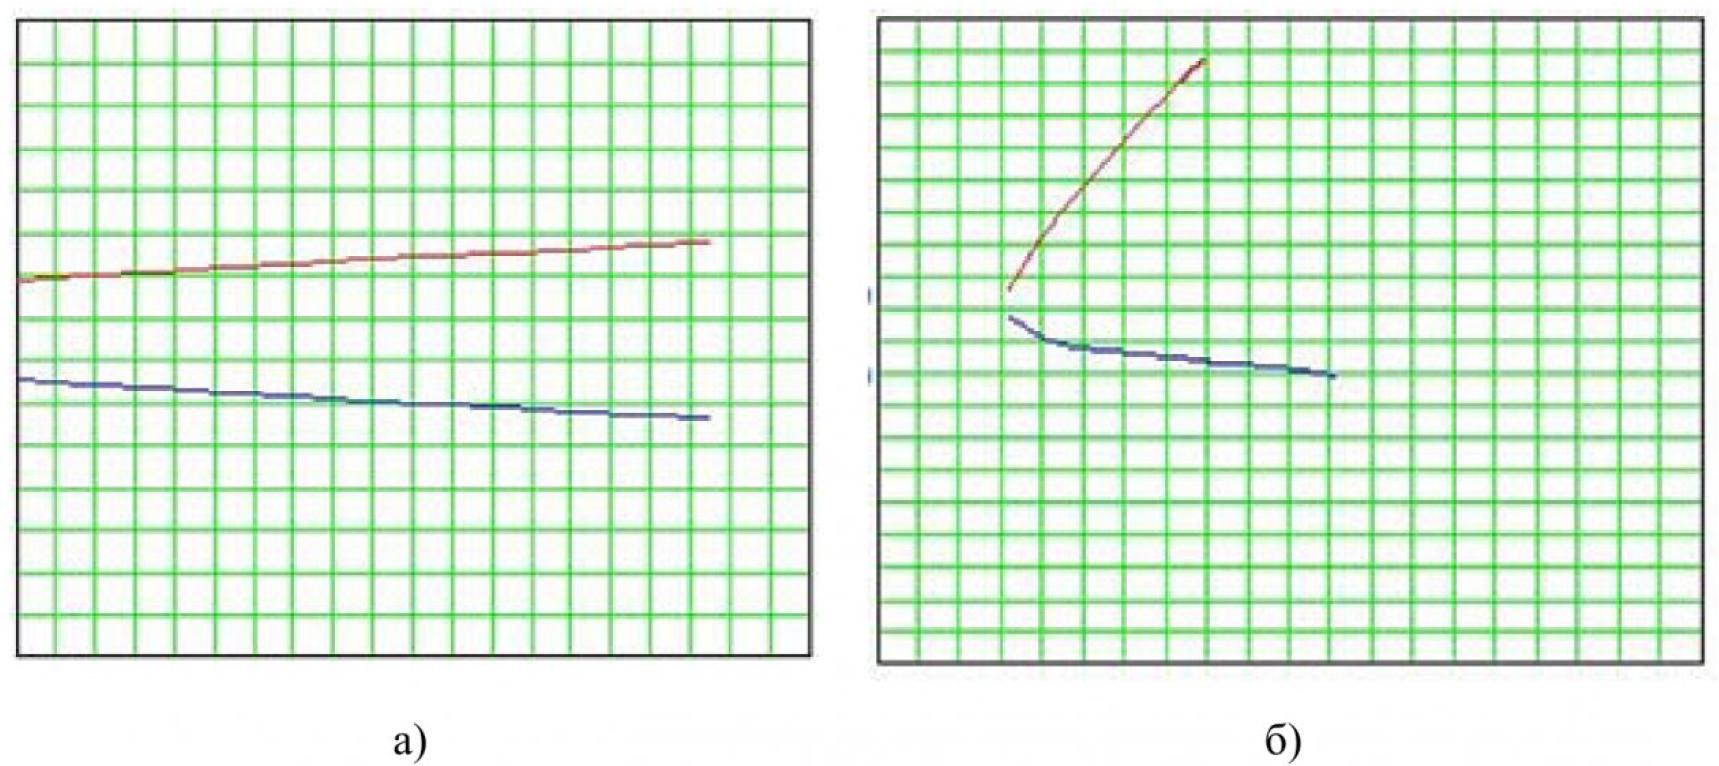 Рисунок 4 – Графики кривых, задающих связь параметров t и ϕ, построенные по зависимости (3)